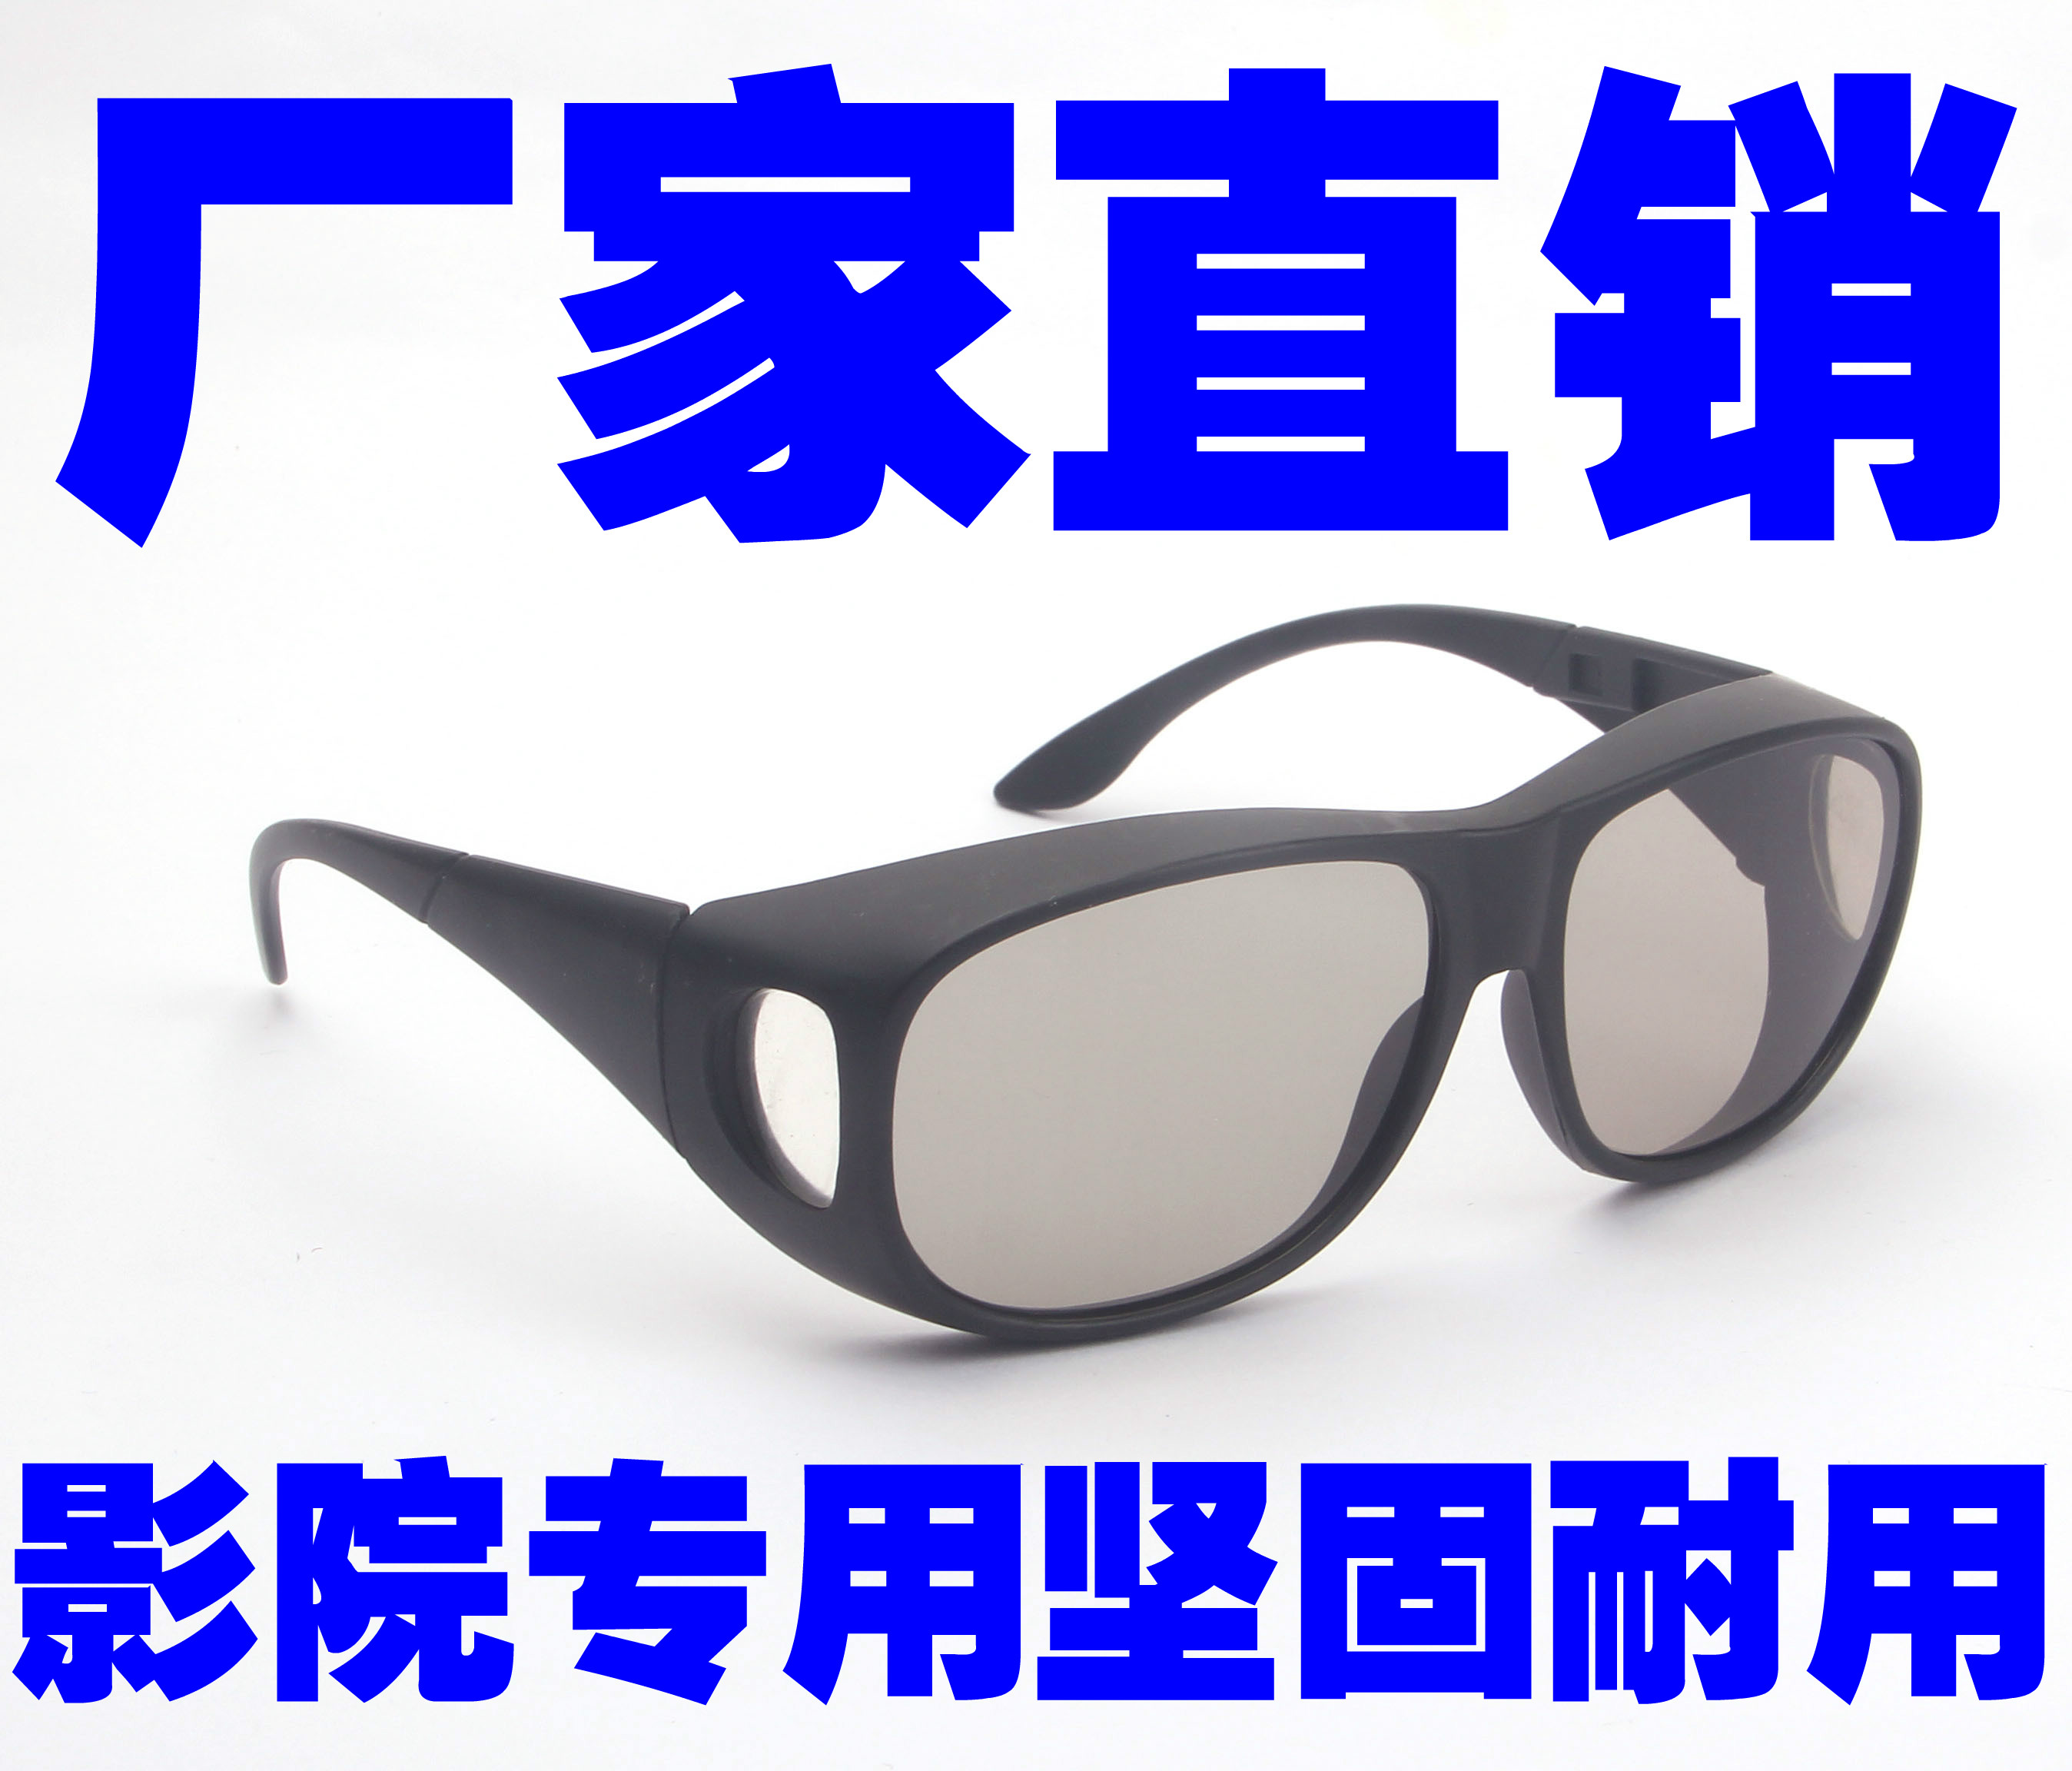 高档线偏光3d眼镜 线偏振加厚镜片 双投影机专用 3D/4D/5D通用